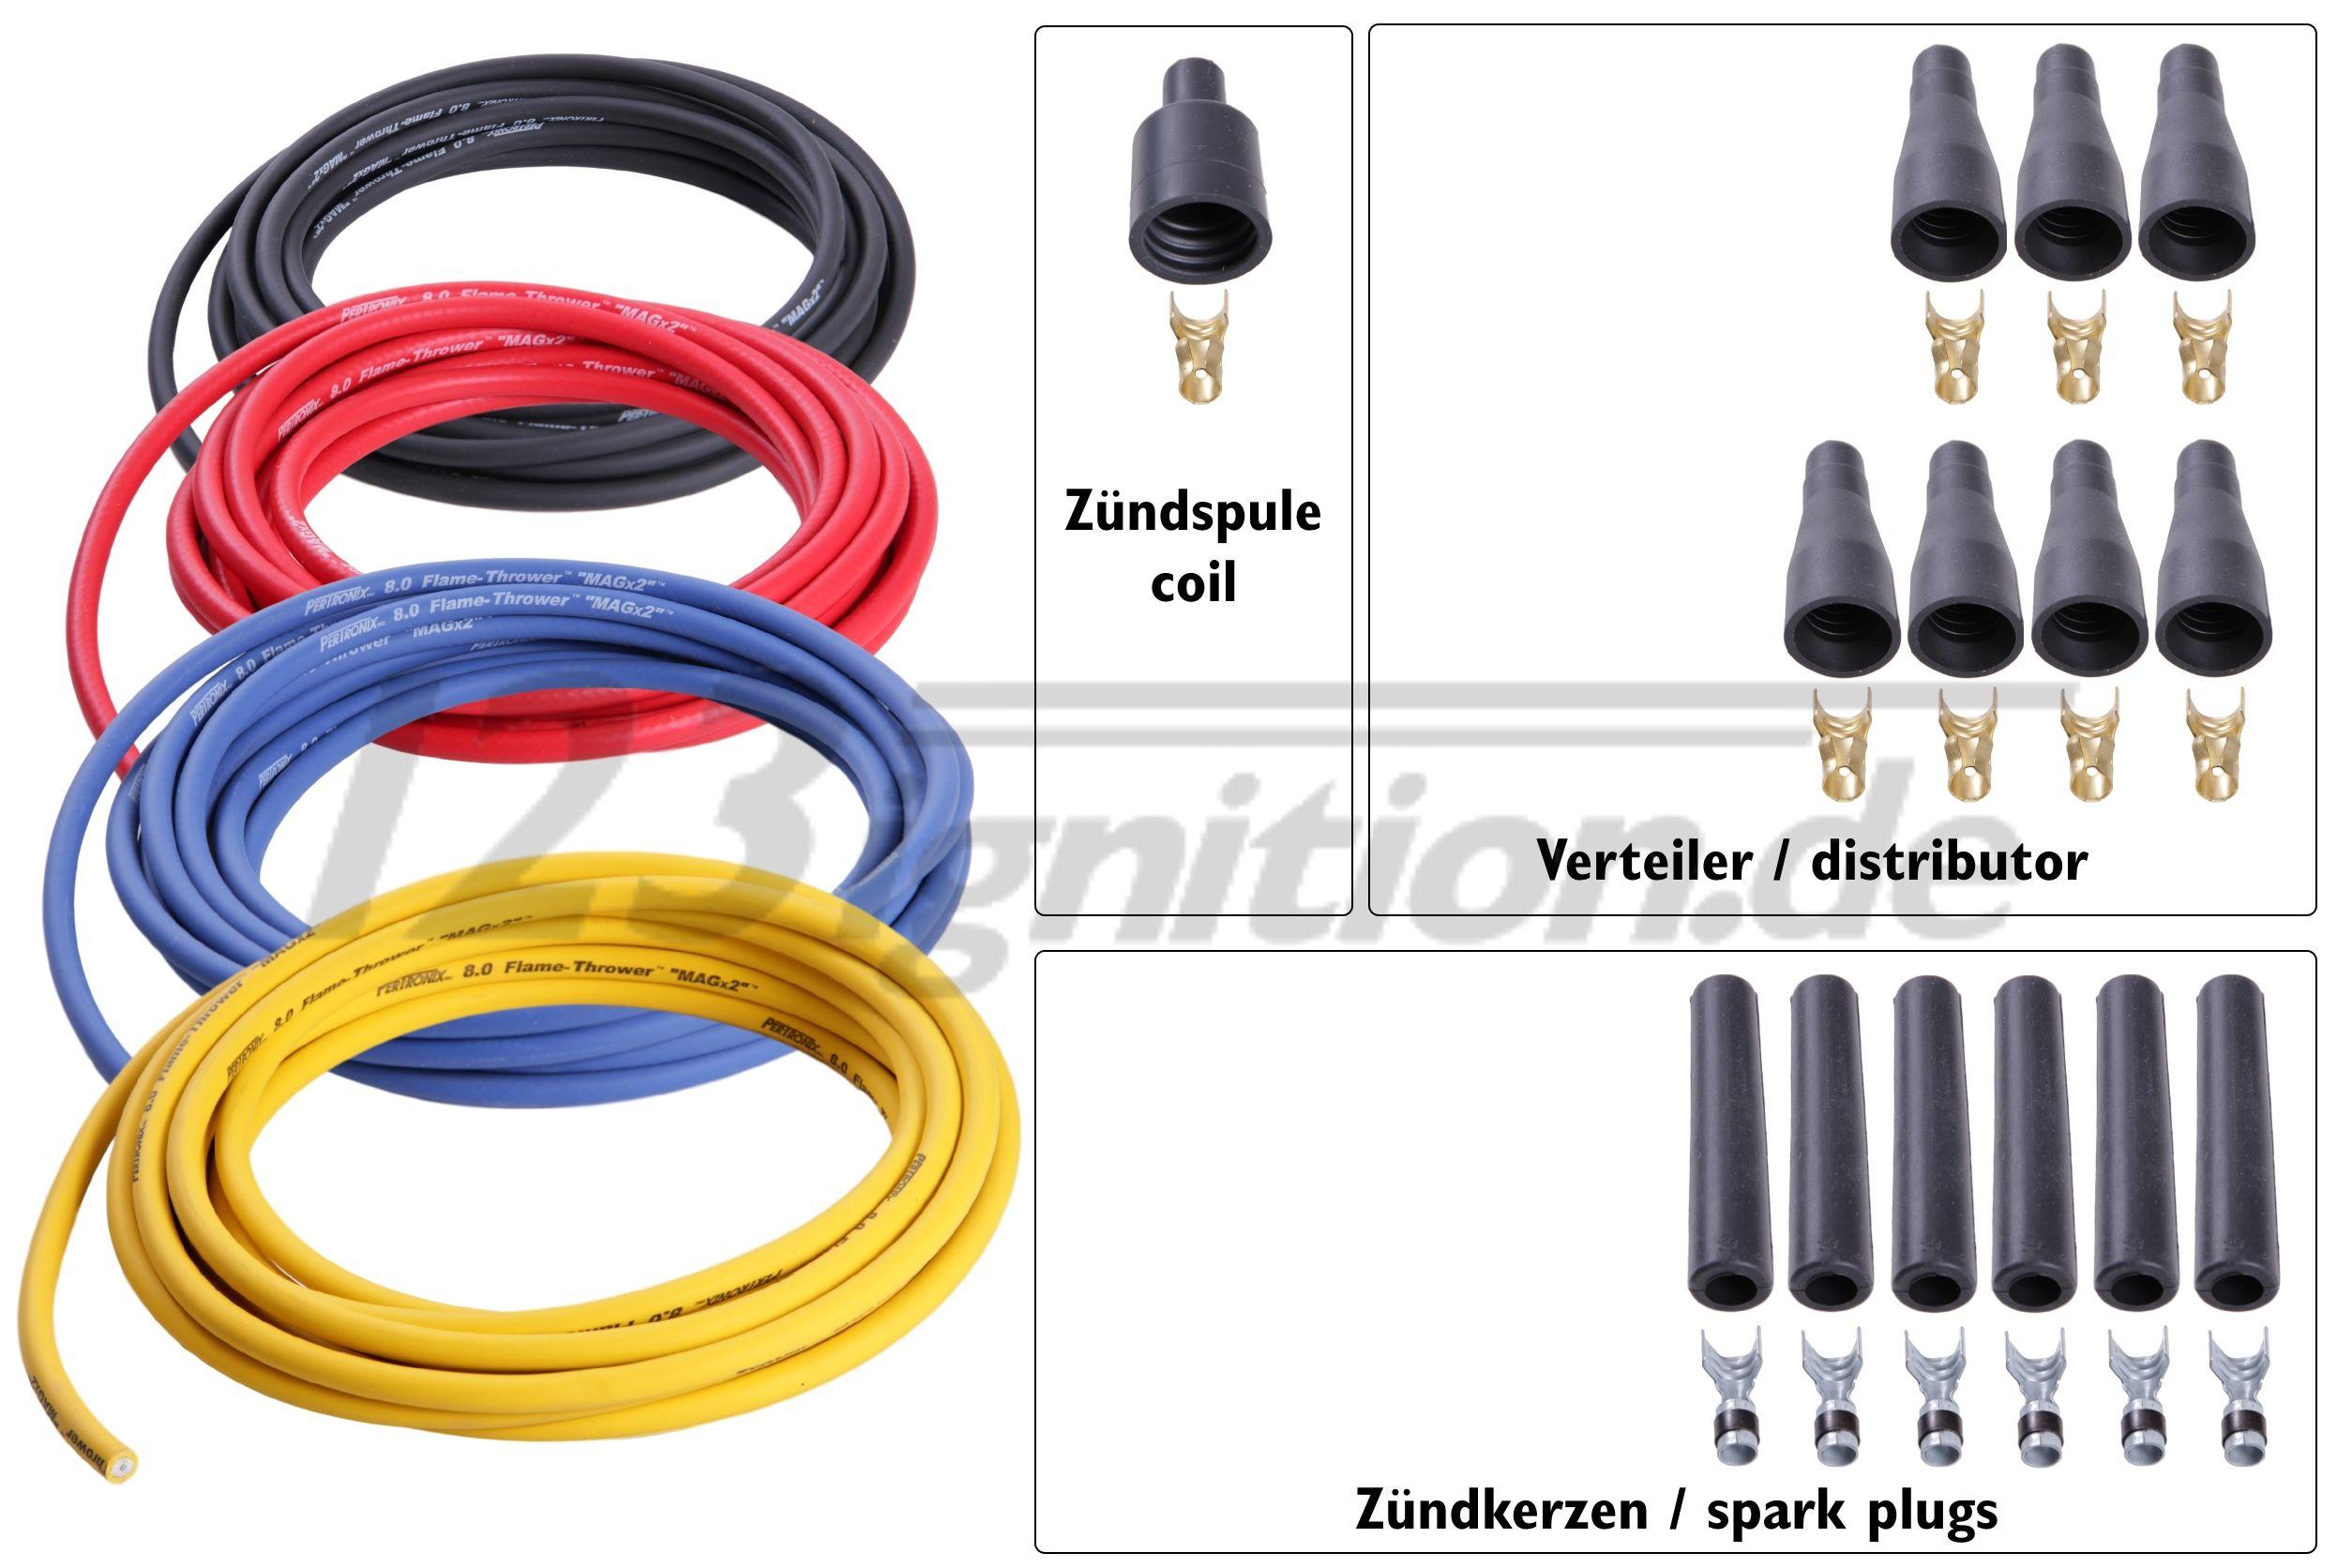 Hochleistungszündkabelsatz für 6 Zylinder Motoren, 8 mm in schwarz, rot, blau und gelb, gerade Zündkerzenstecker, gerade Verteilerstecker, gerader Zündspulenstecker